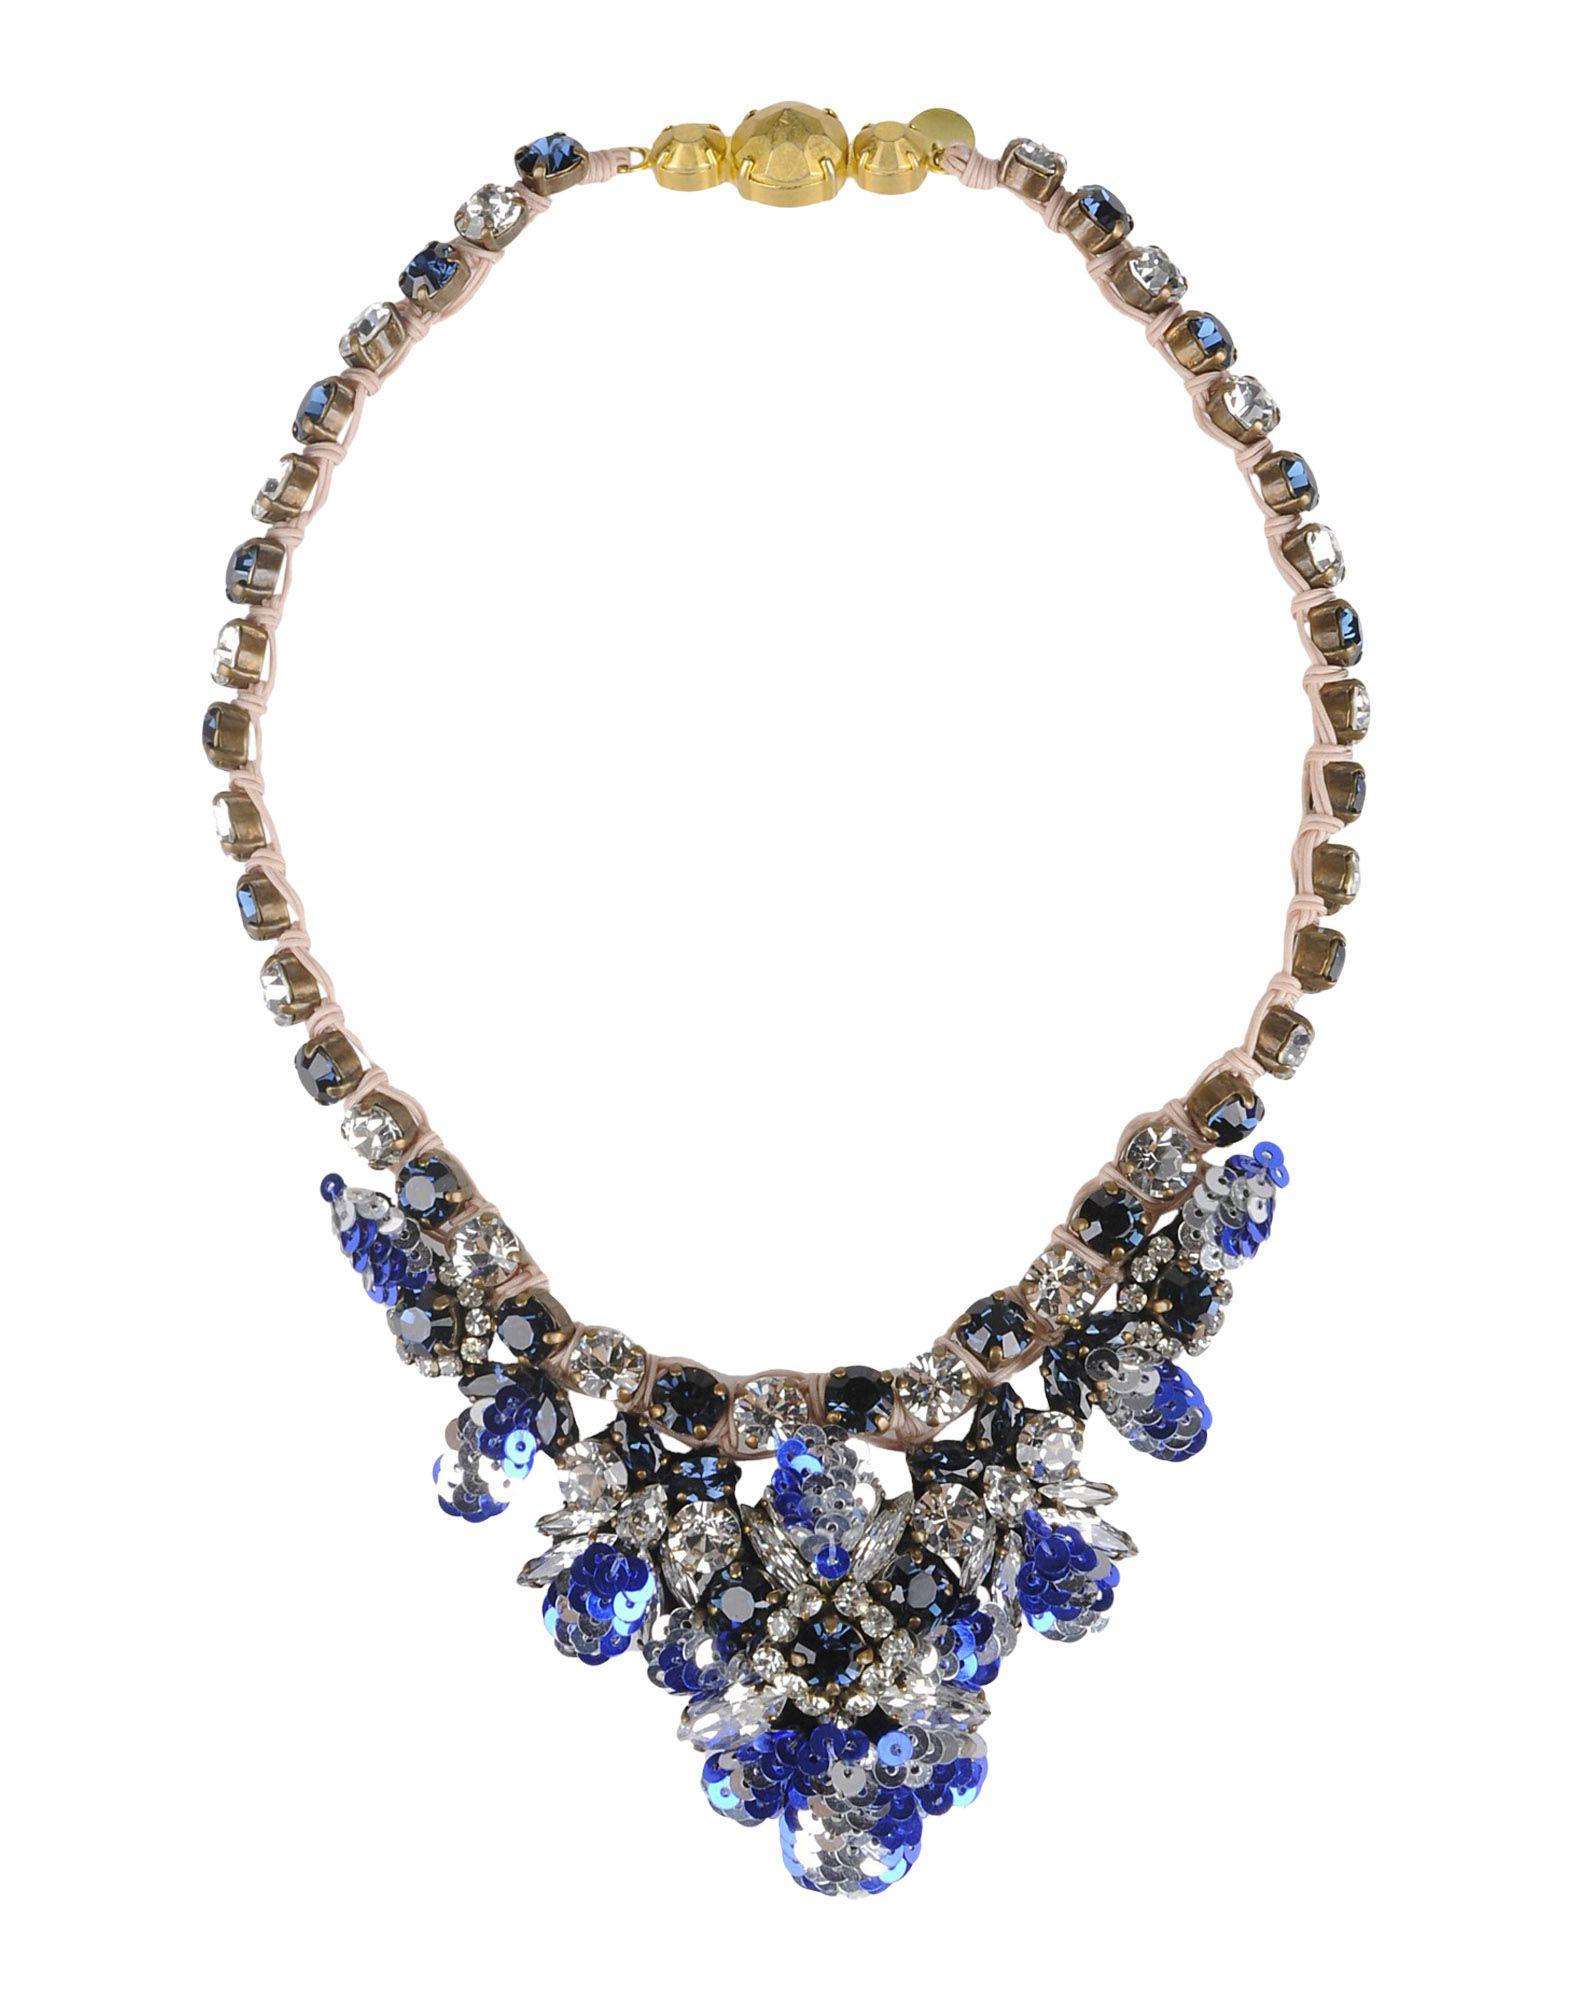 《送料無料》SHOUROUK レディース ネックレス ブルー 紡績繊維 / 金属繊維